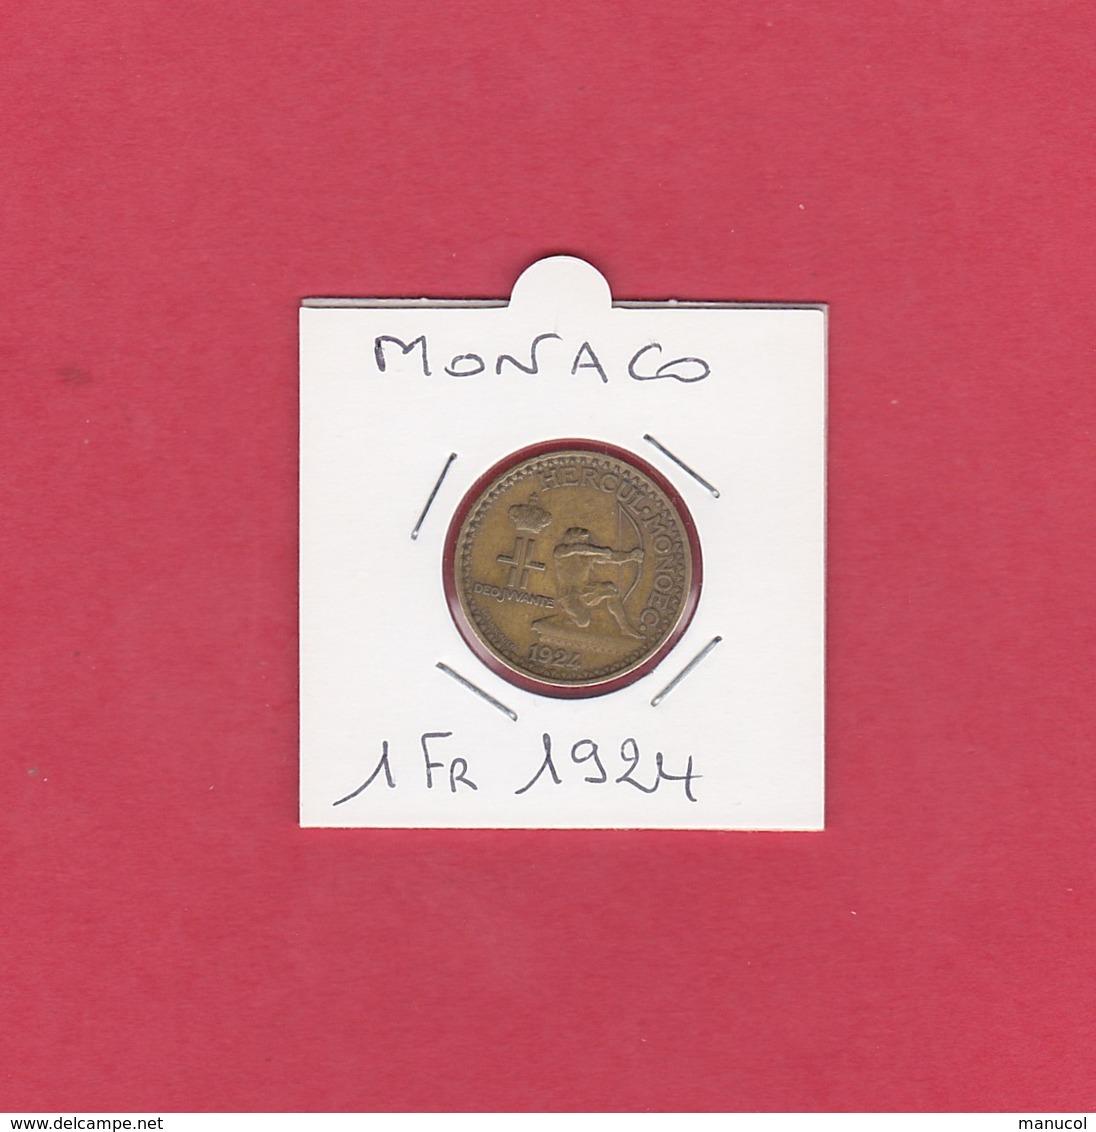 MONACO - 1 FRANC CREDIT FONCIER DE 1924 - Monaco